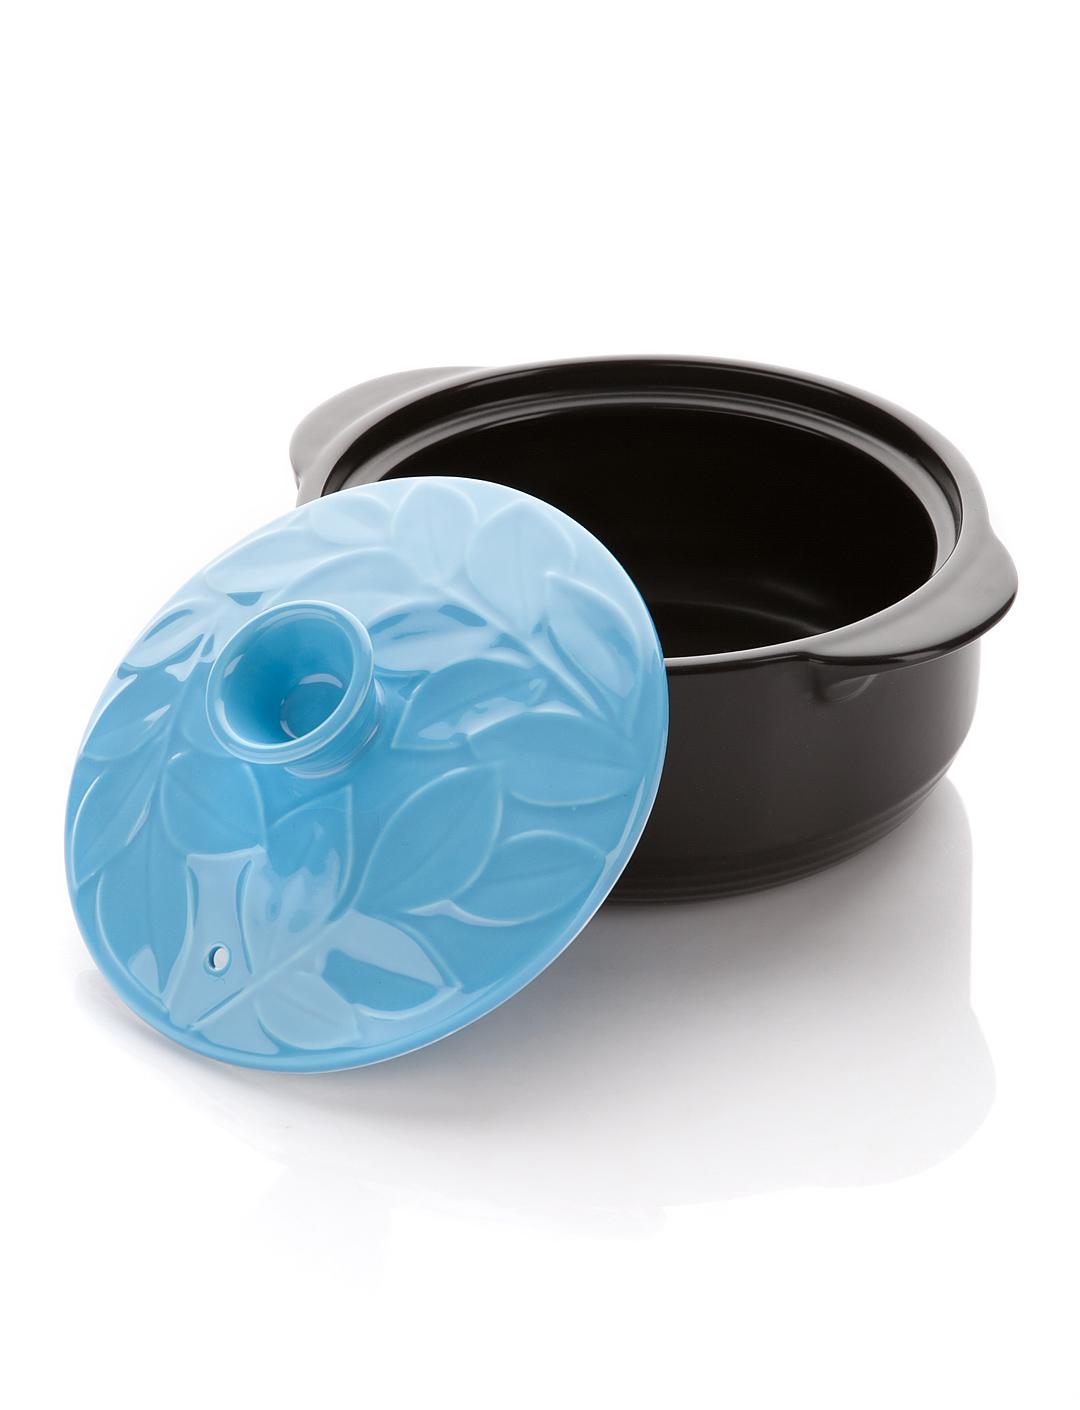 Кастрюля керамическая Hans & Gretchen с крышкой, цвет: голубой, 1,1 л12NF-B16Кастрюля Hans & Gretchen изготовлена из экологически чистой жаропрочной керамики. Керамическая крышка кастрюли оснащена отверстием для выпуска пара. Кастрюля равномерно нагревает блюдо, долго сохраняя тепло и не выделяя абсолютно никаких примесей в пищу. Кастрюля не искажает, а даже усиливает вкус пищи. Крышка изделия оформлена рельефным изображением листьев. Превосходно служит для замораживания продуктов в холодильнике (до -20°С). Кастрюля устойчива к химическим и механическим воздействиям. Благодаря толстым стенкам изделие нагревается равномерно. Кастрюля Hans & Gretchen прекрасно подойдет для запекания и тушения овощей, мяса и других блюд, а оригинальный дизайн и яркое оформление украсят ваш стол. Можно мыть в посудомоечной машине. Кастрюля предназначена для использования на газовой и электрической плитах, в духовке и микроволновой печи. Не подходит для индукционных плит.